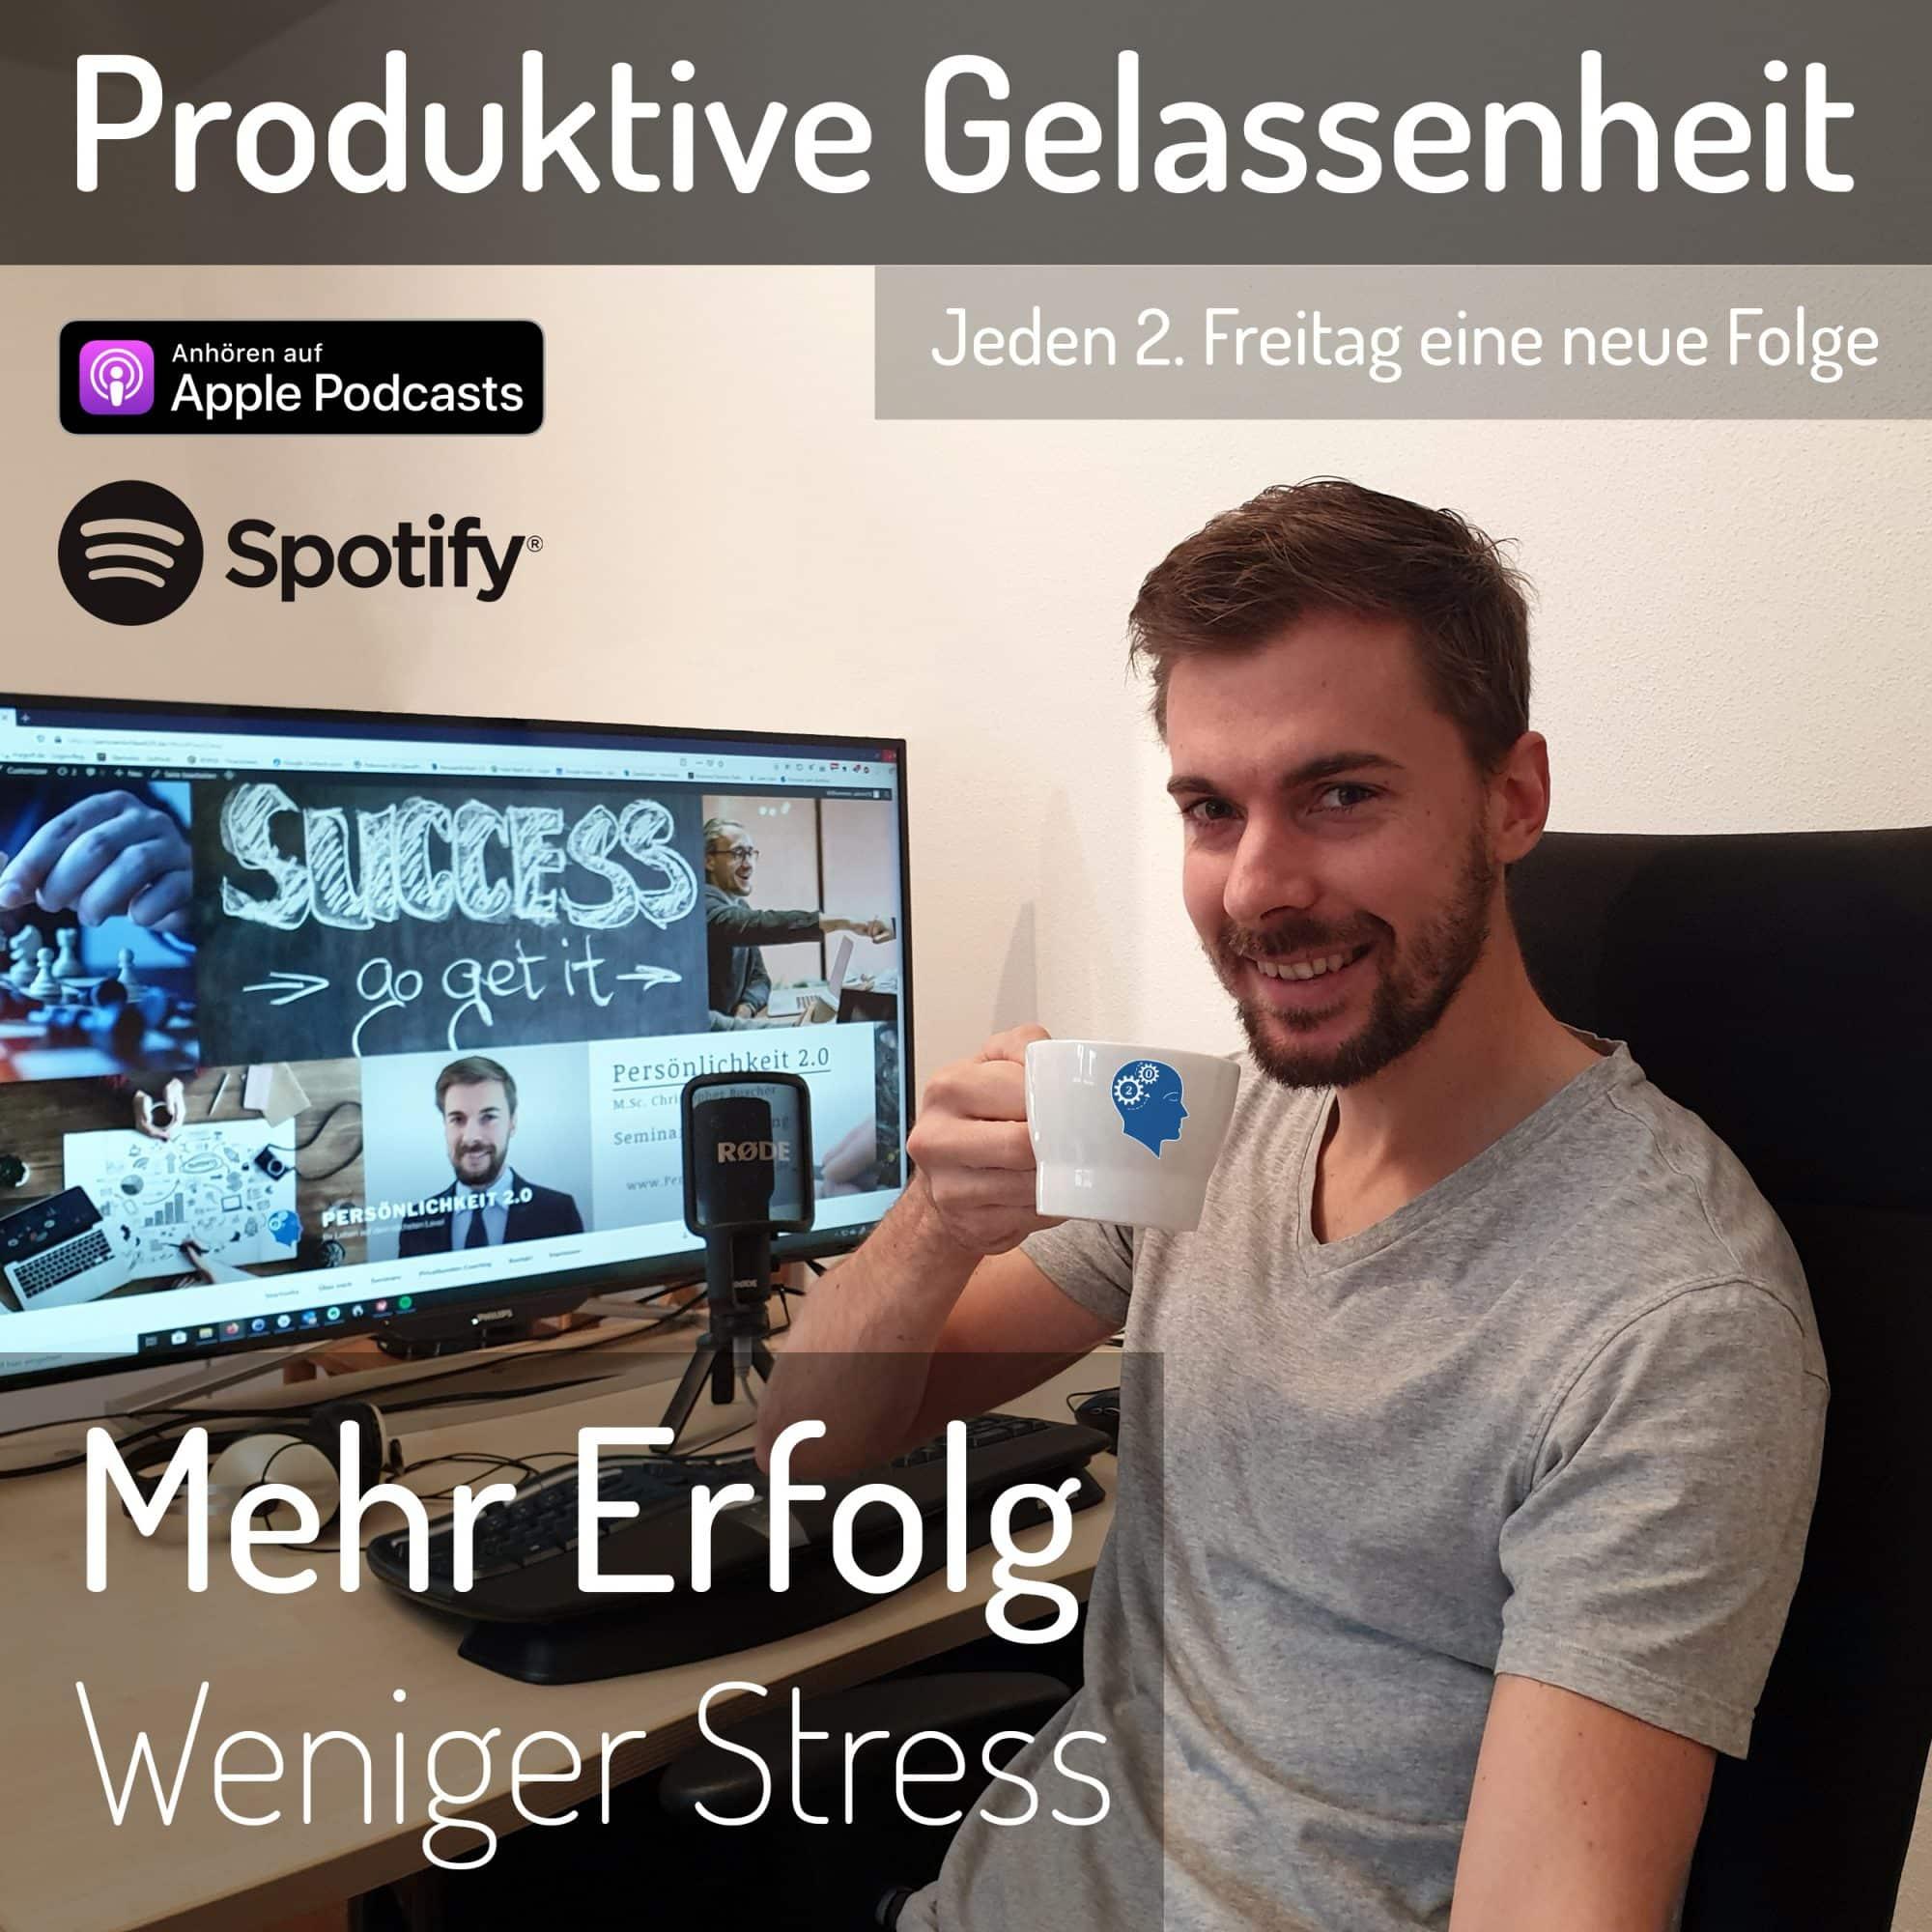 Produktive Gelassenheit - Dein Podcast für mehr Erfolg und weniger Stress